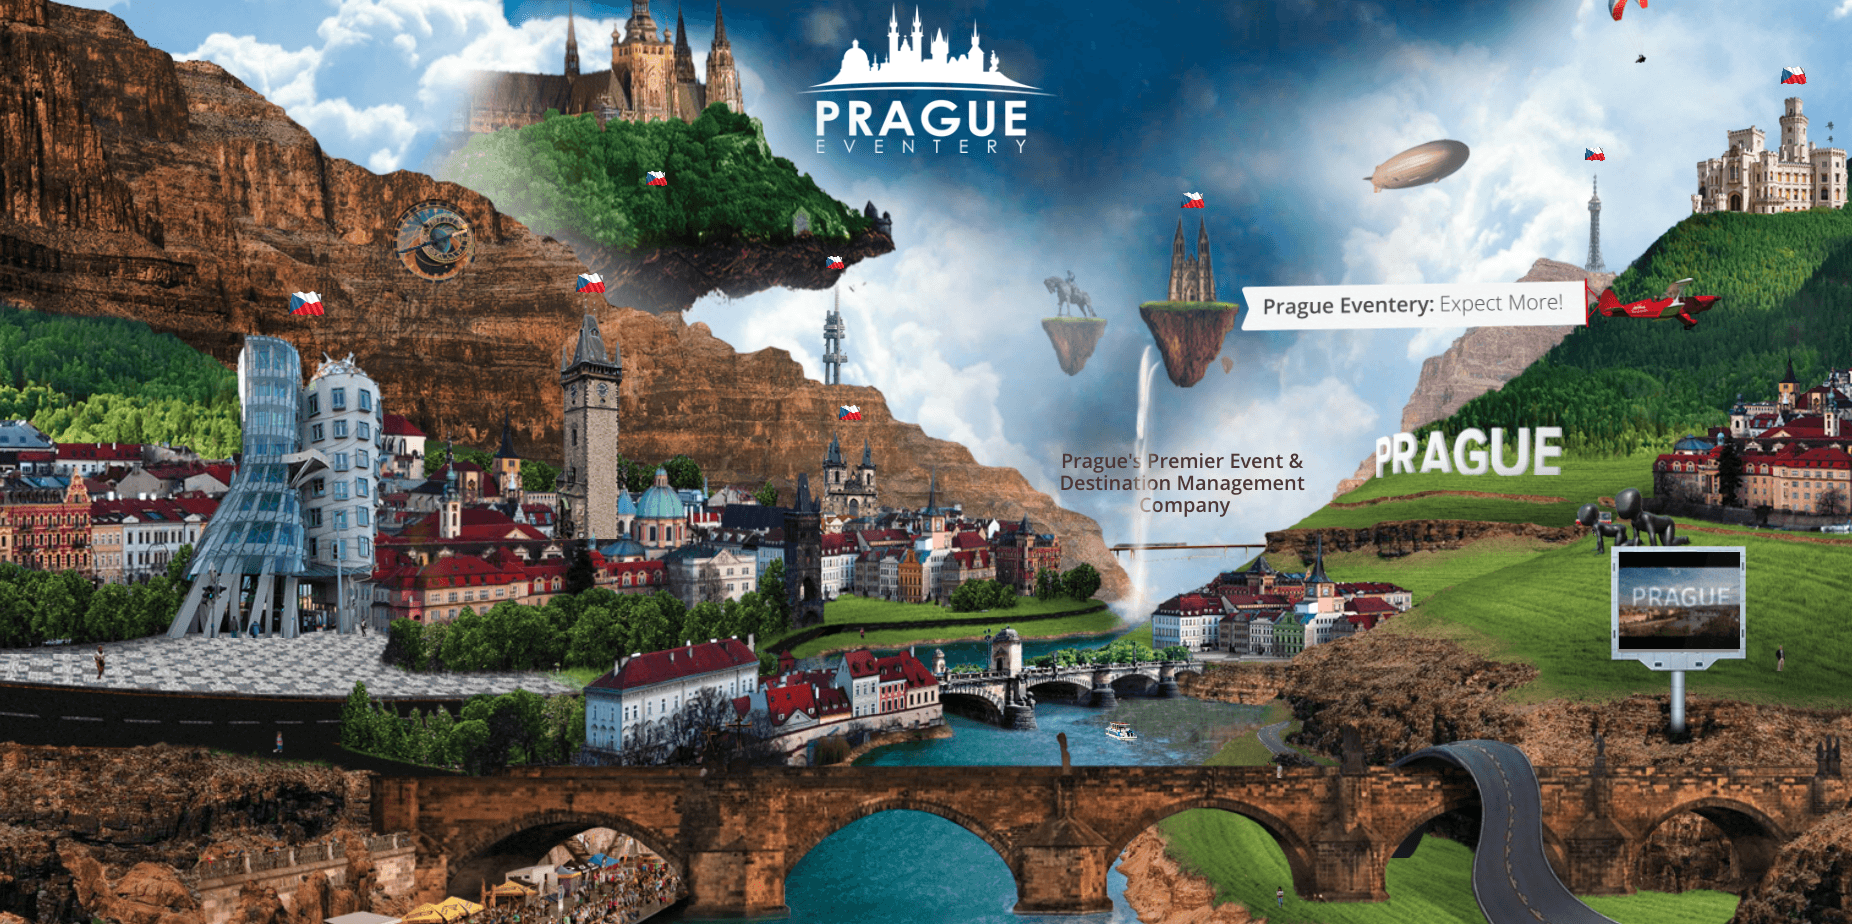 PRAGUE EVENTERY Image